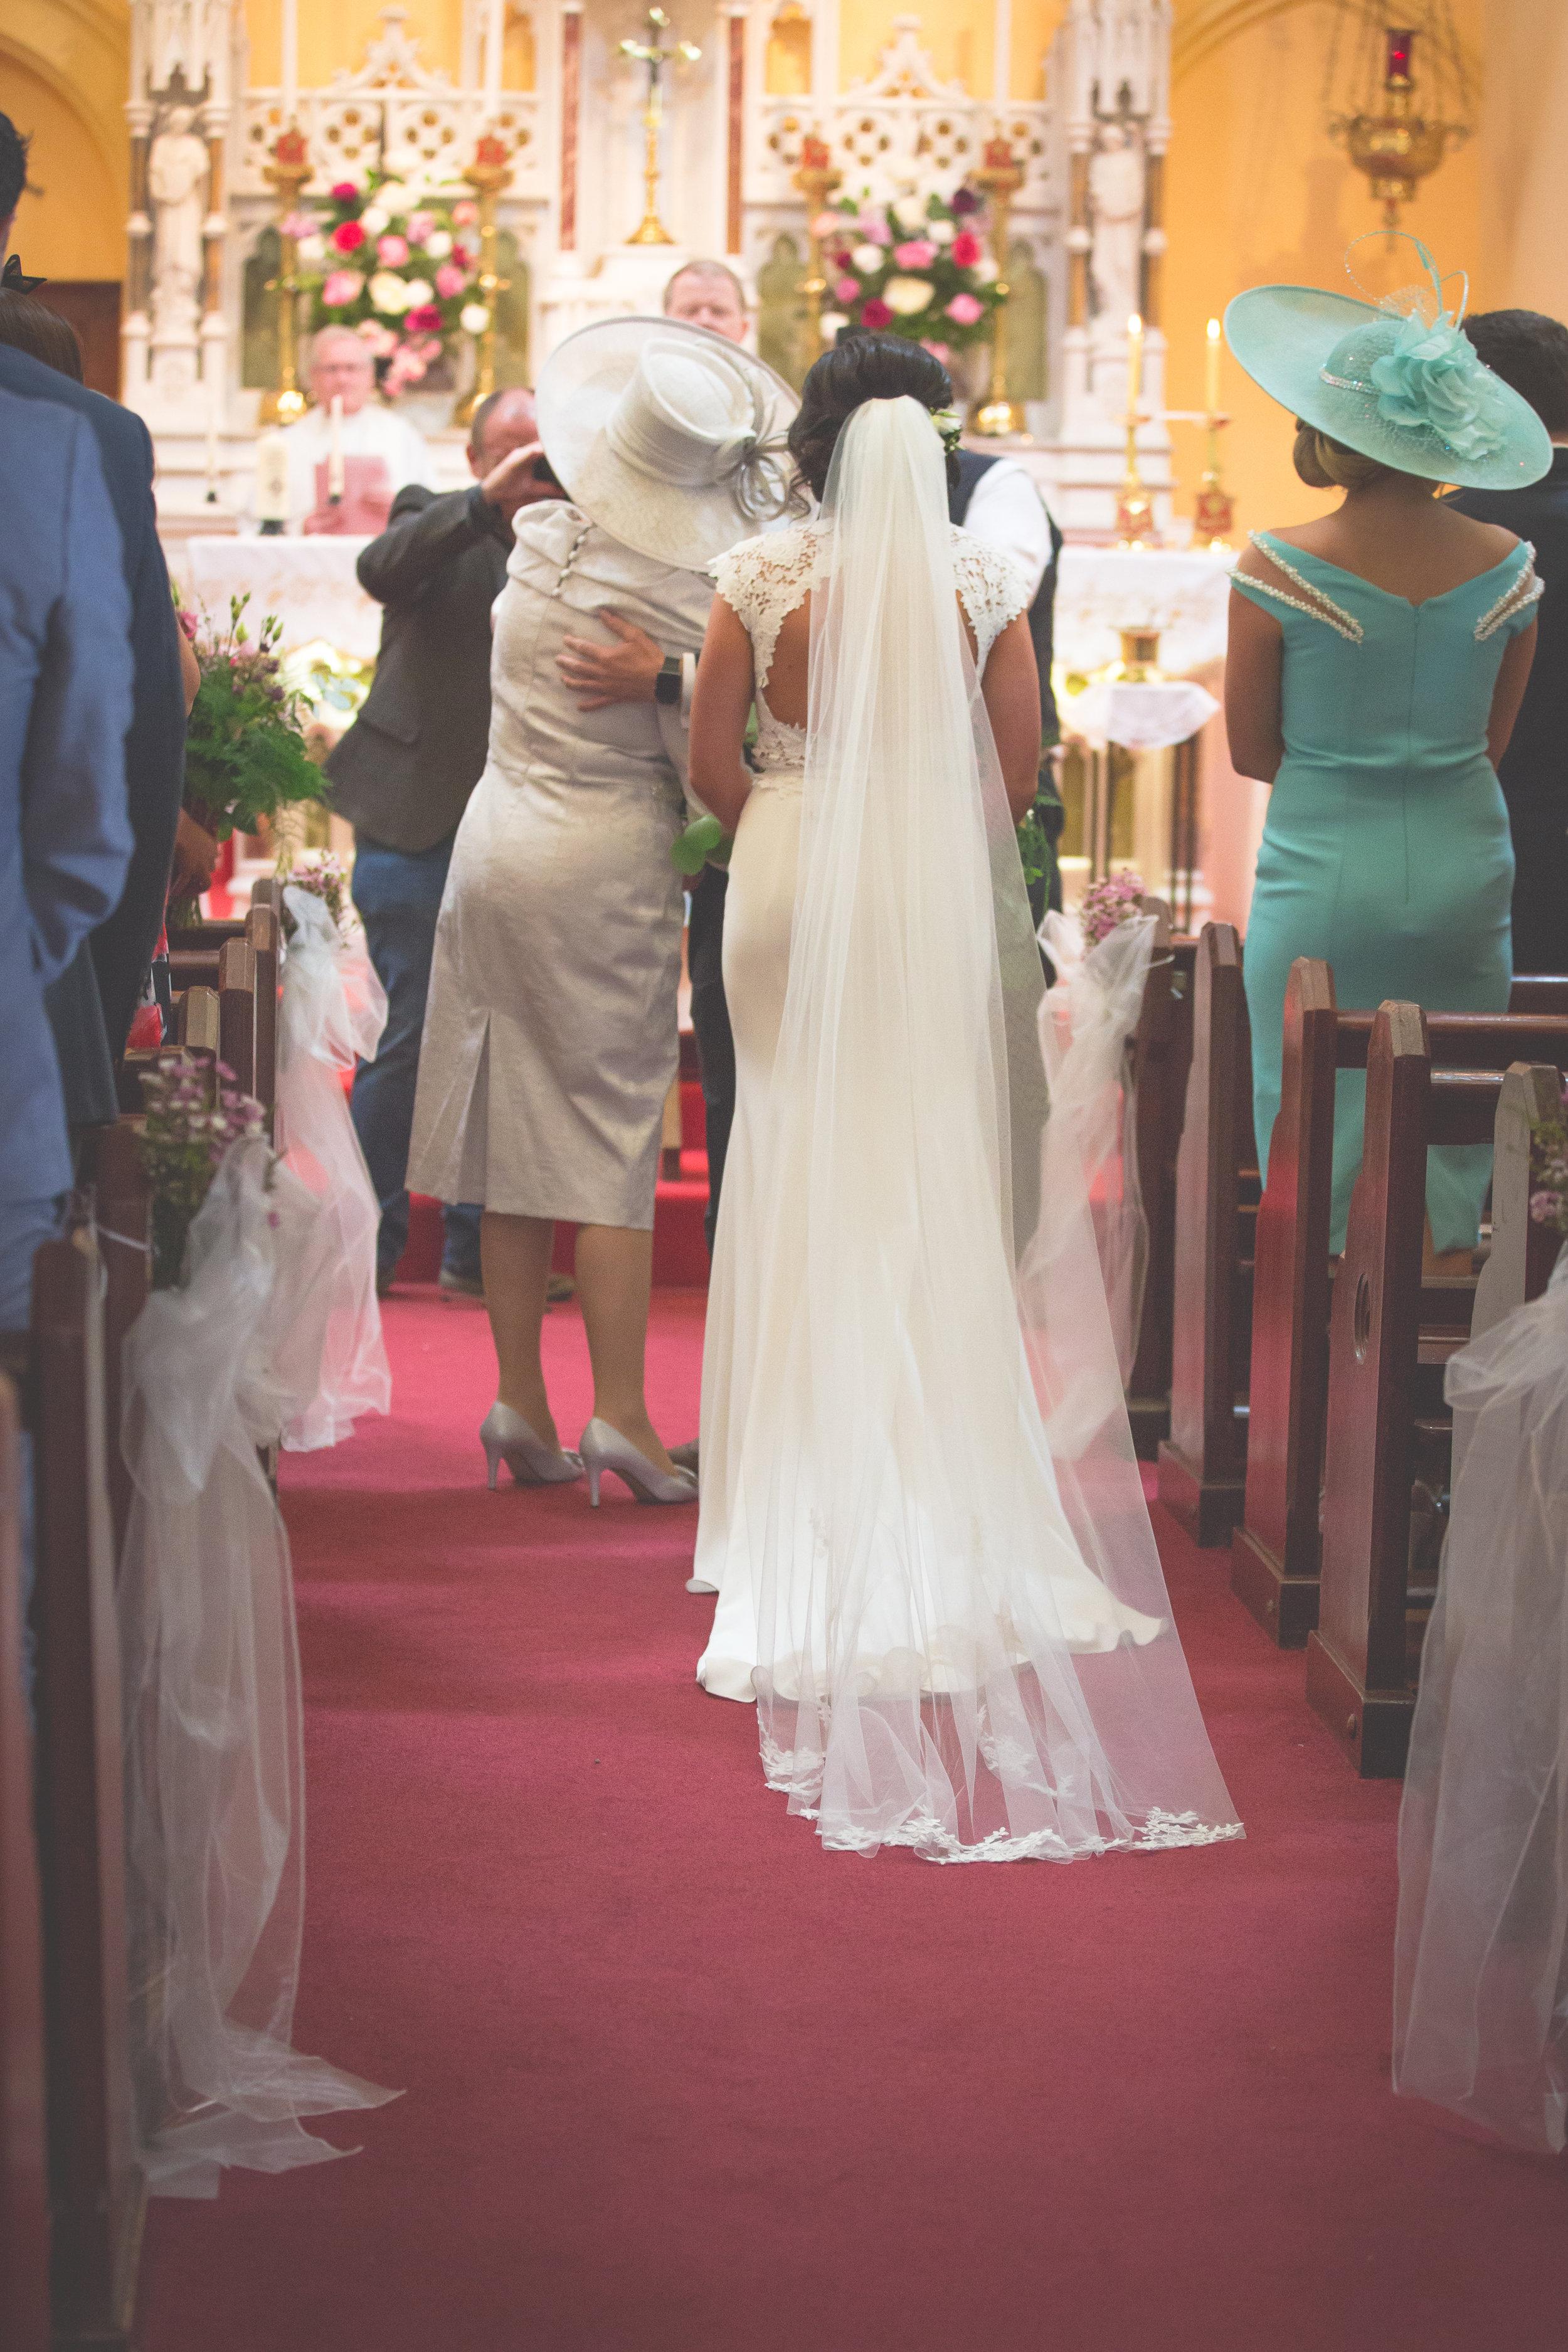 Brian McEwan Wedding Photography   Carol-Anne & Sean   The Ceremony-24.jpg